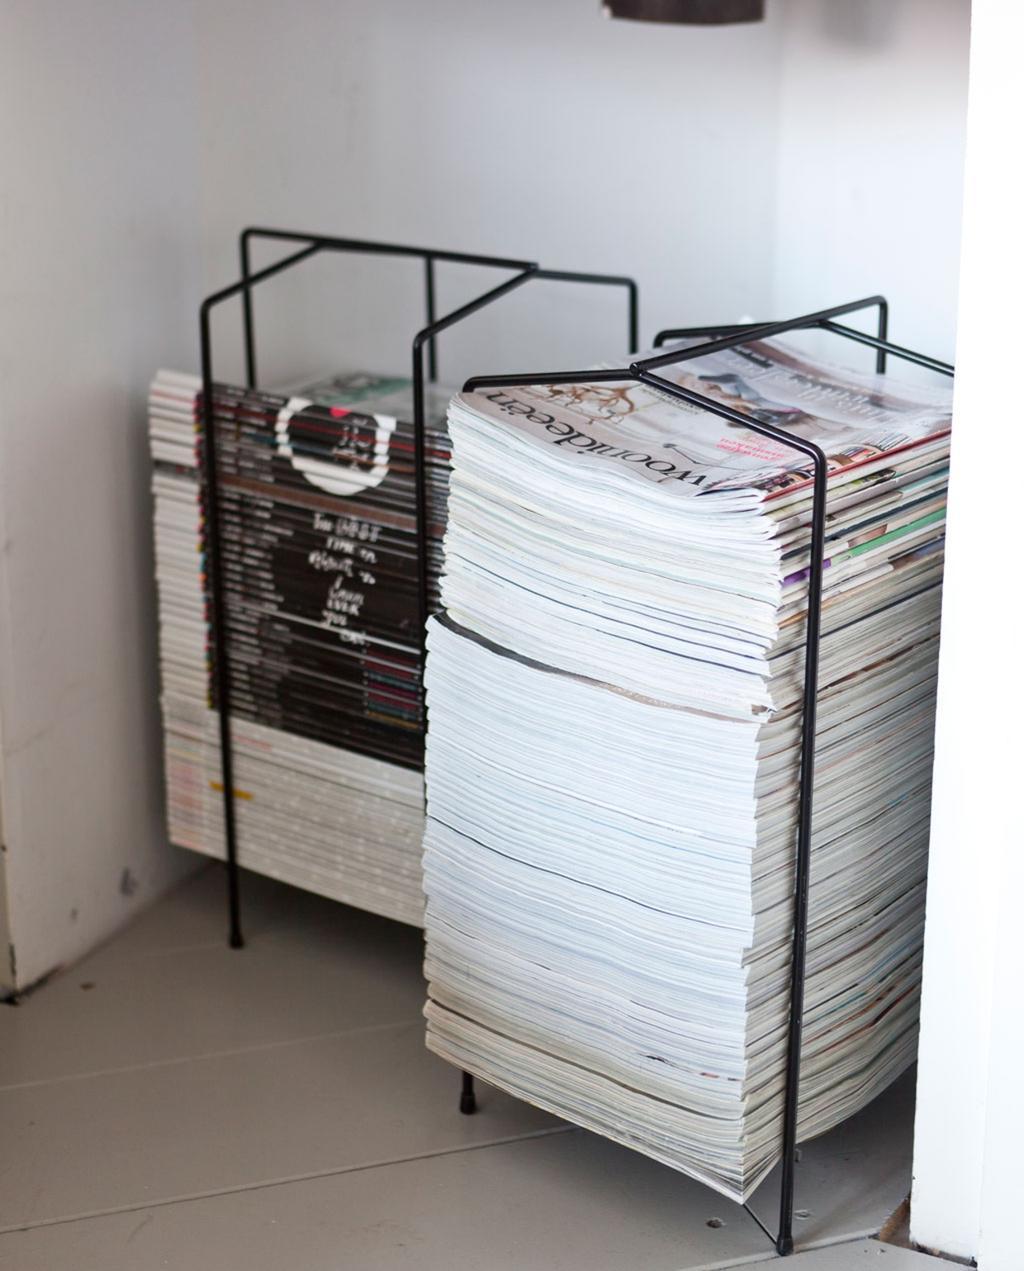 Stapel tijdschriften in een metalen rek